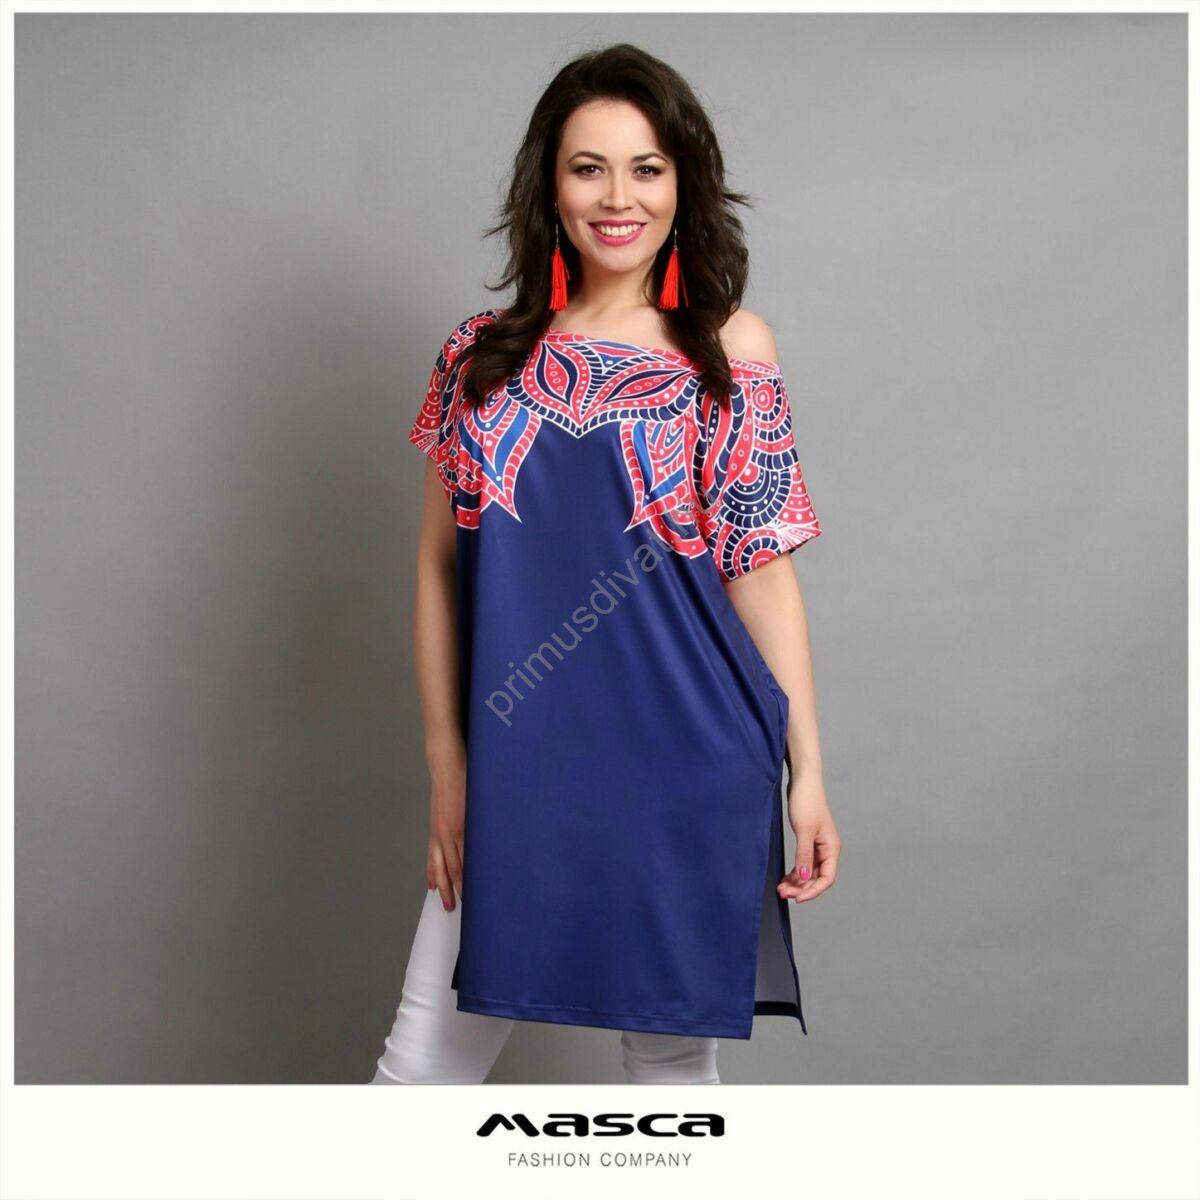 Masca Fashion vállra húzható csónaknyakú, piros-fehér mintás kék rövid ujjú lezser tunika, oldalain felsliccelve